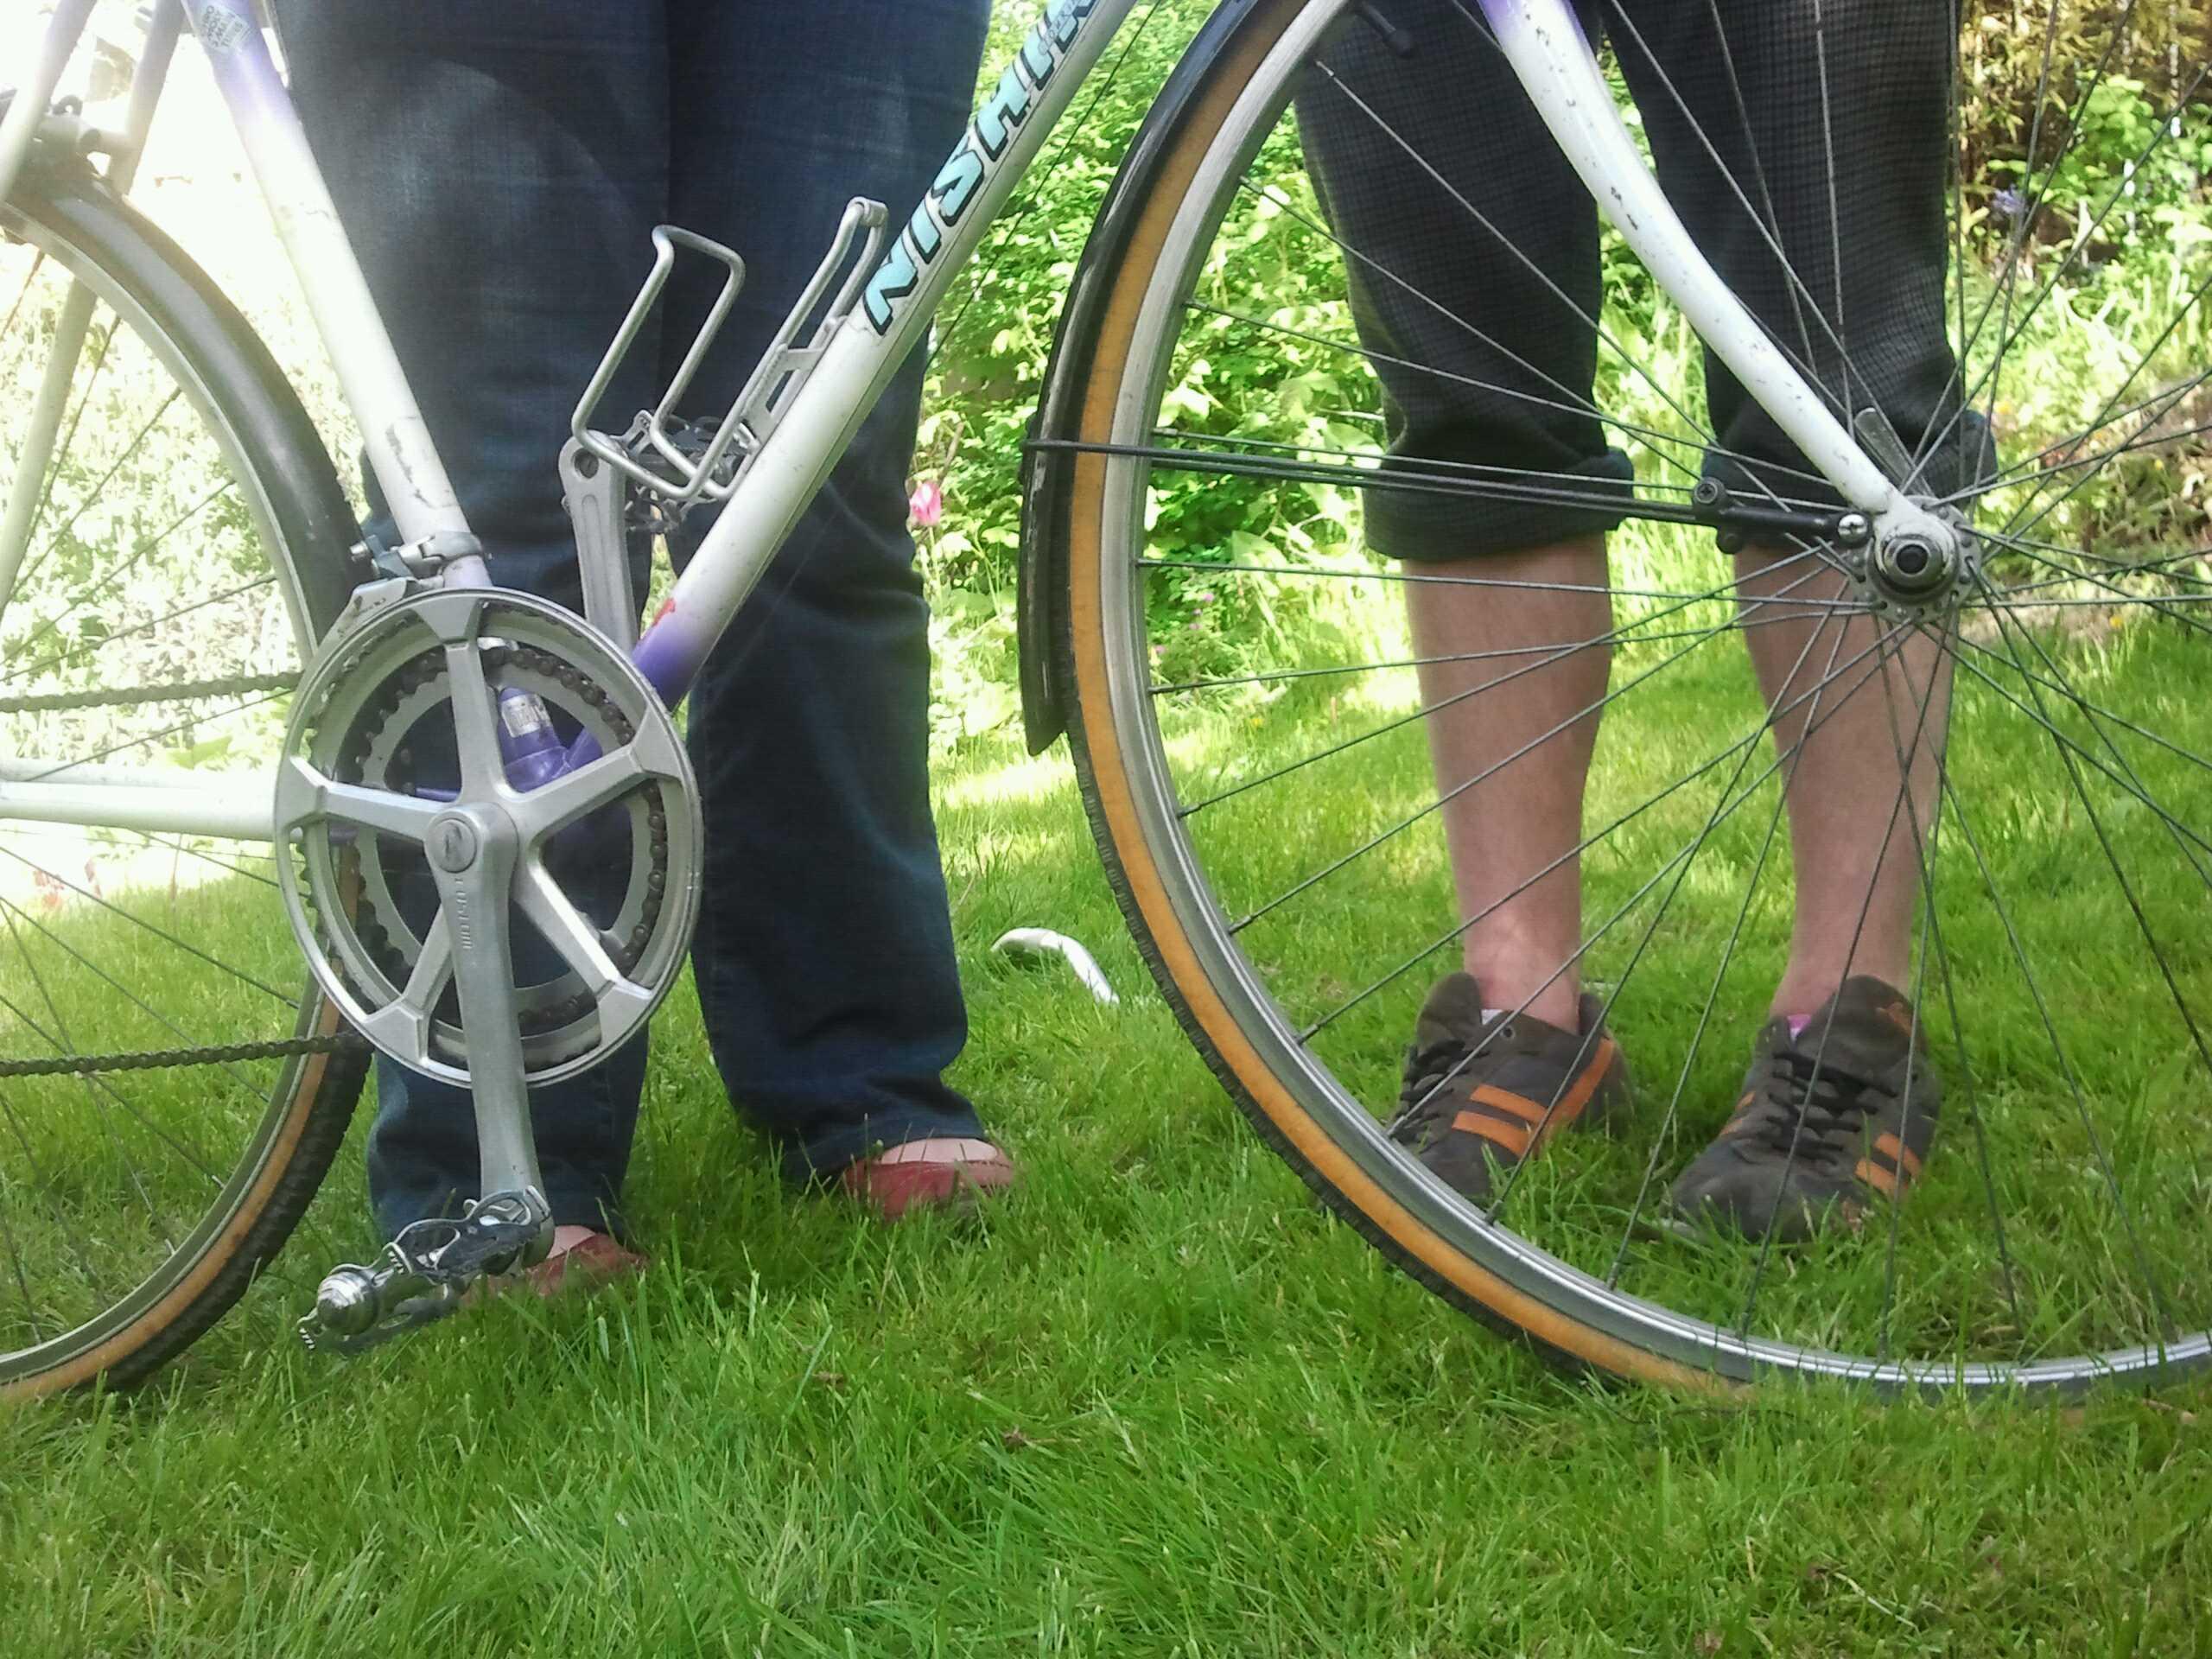 Bernard and Becky stand behind bike